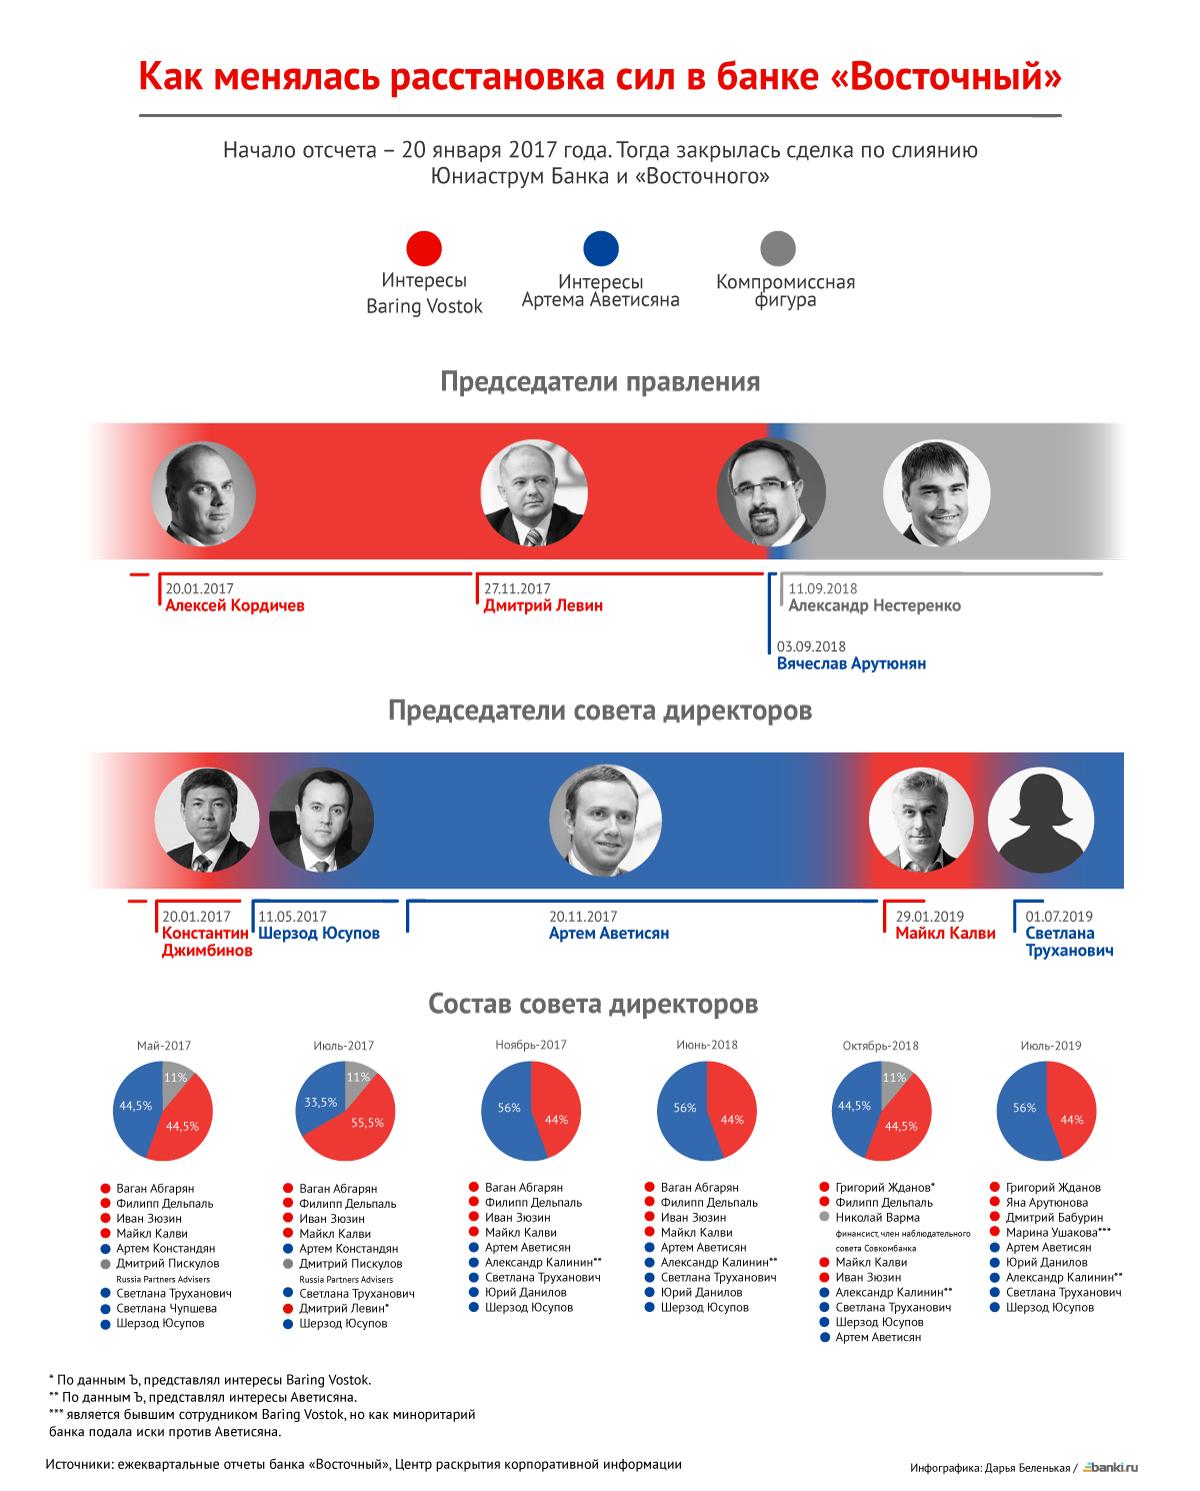 Инфографика Банки.ру: как менялась власть в банке «Восточный»